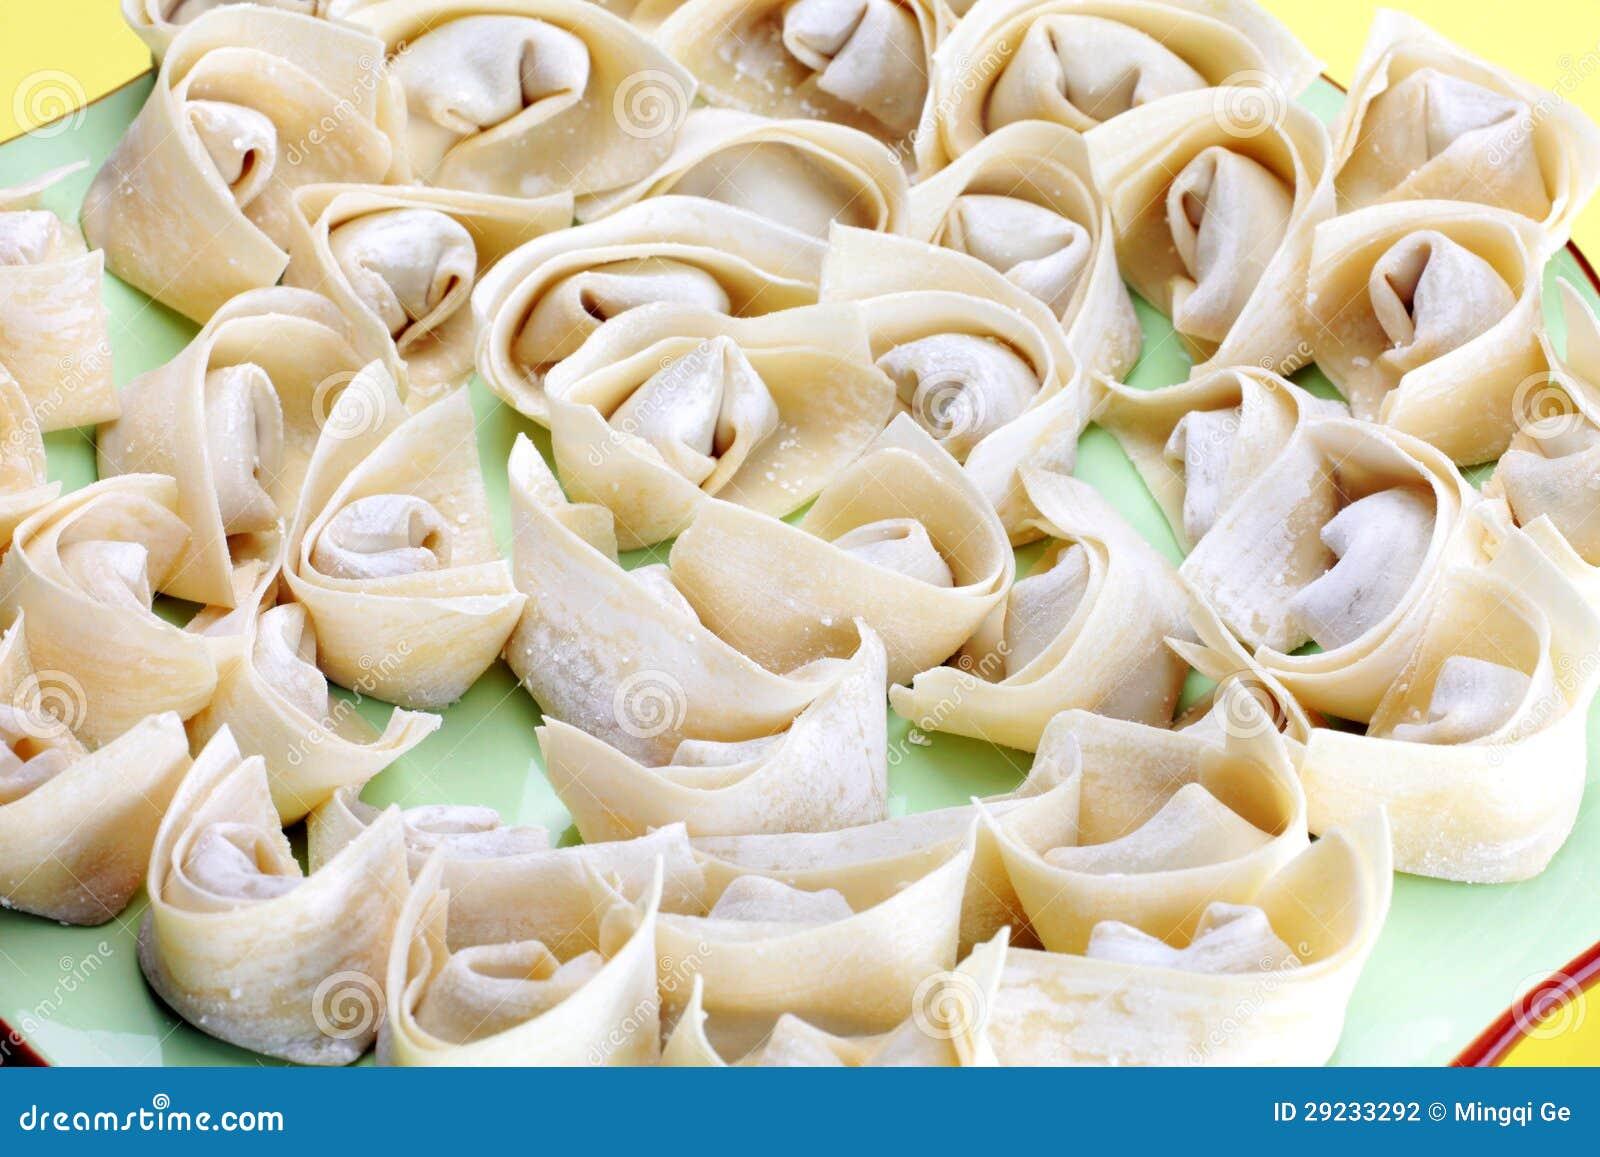 Download Wonton, alimento chinês foto de stock. Imagem de salty - 29233292